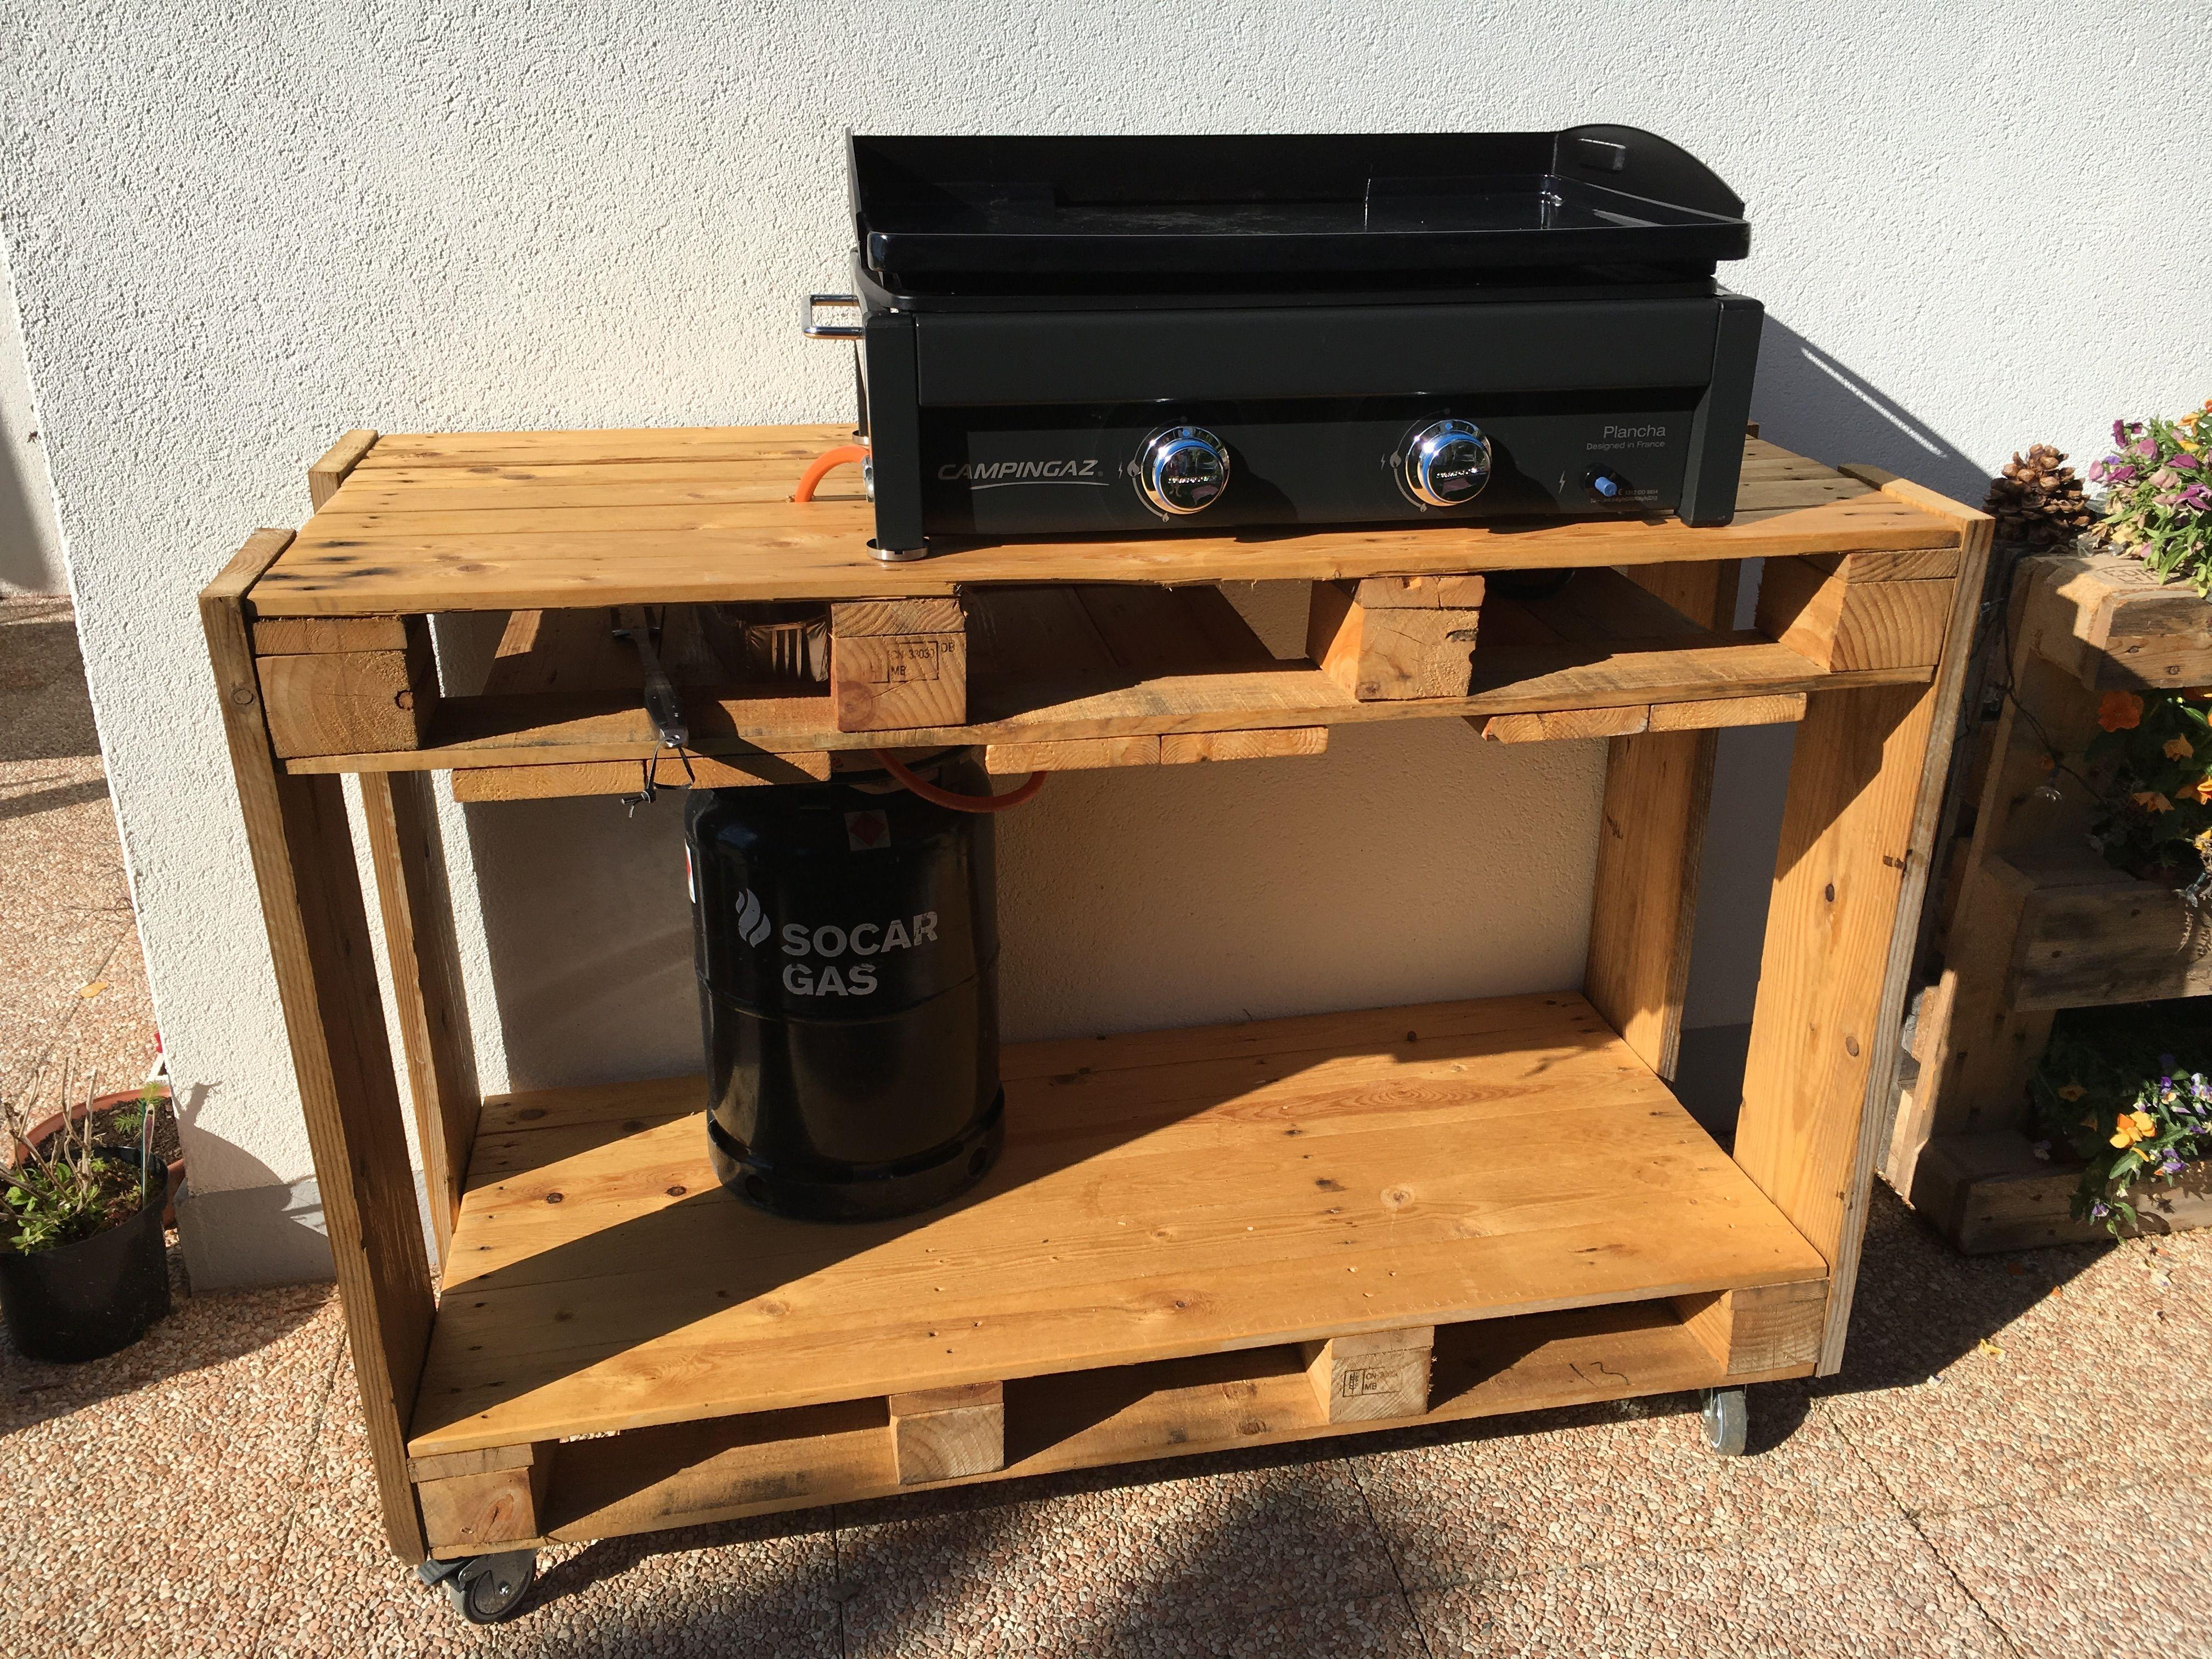 meuble pour plancha meuble plancha exterieur surprenant barbecue electrique. Black Bedroom Furniture Sets. Home Design Ideas